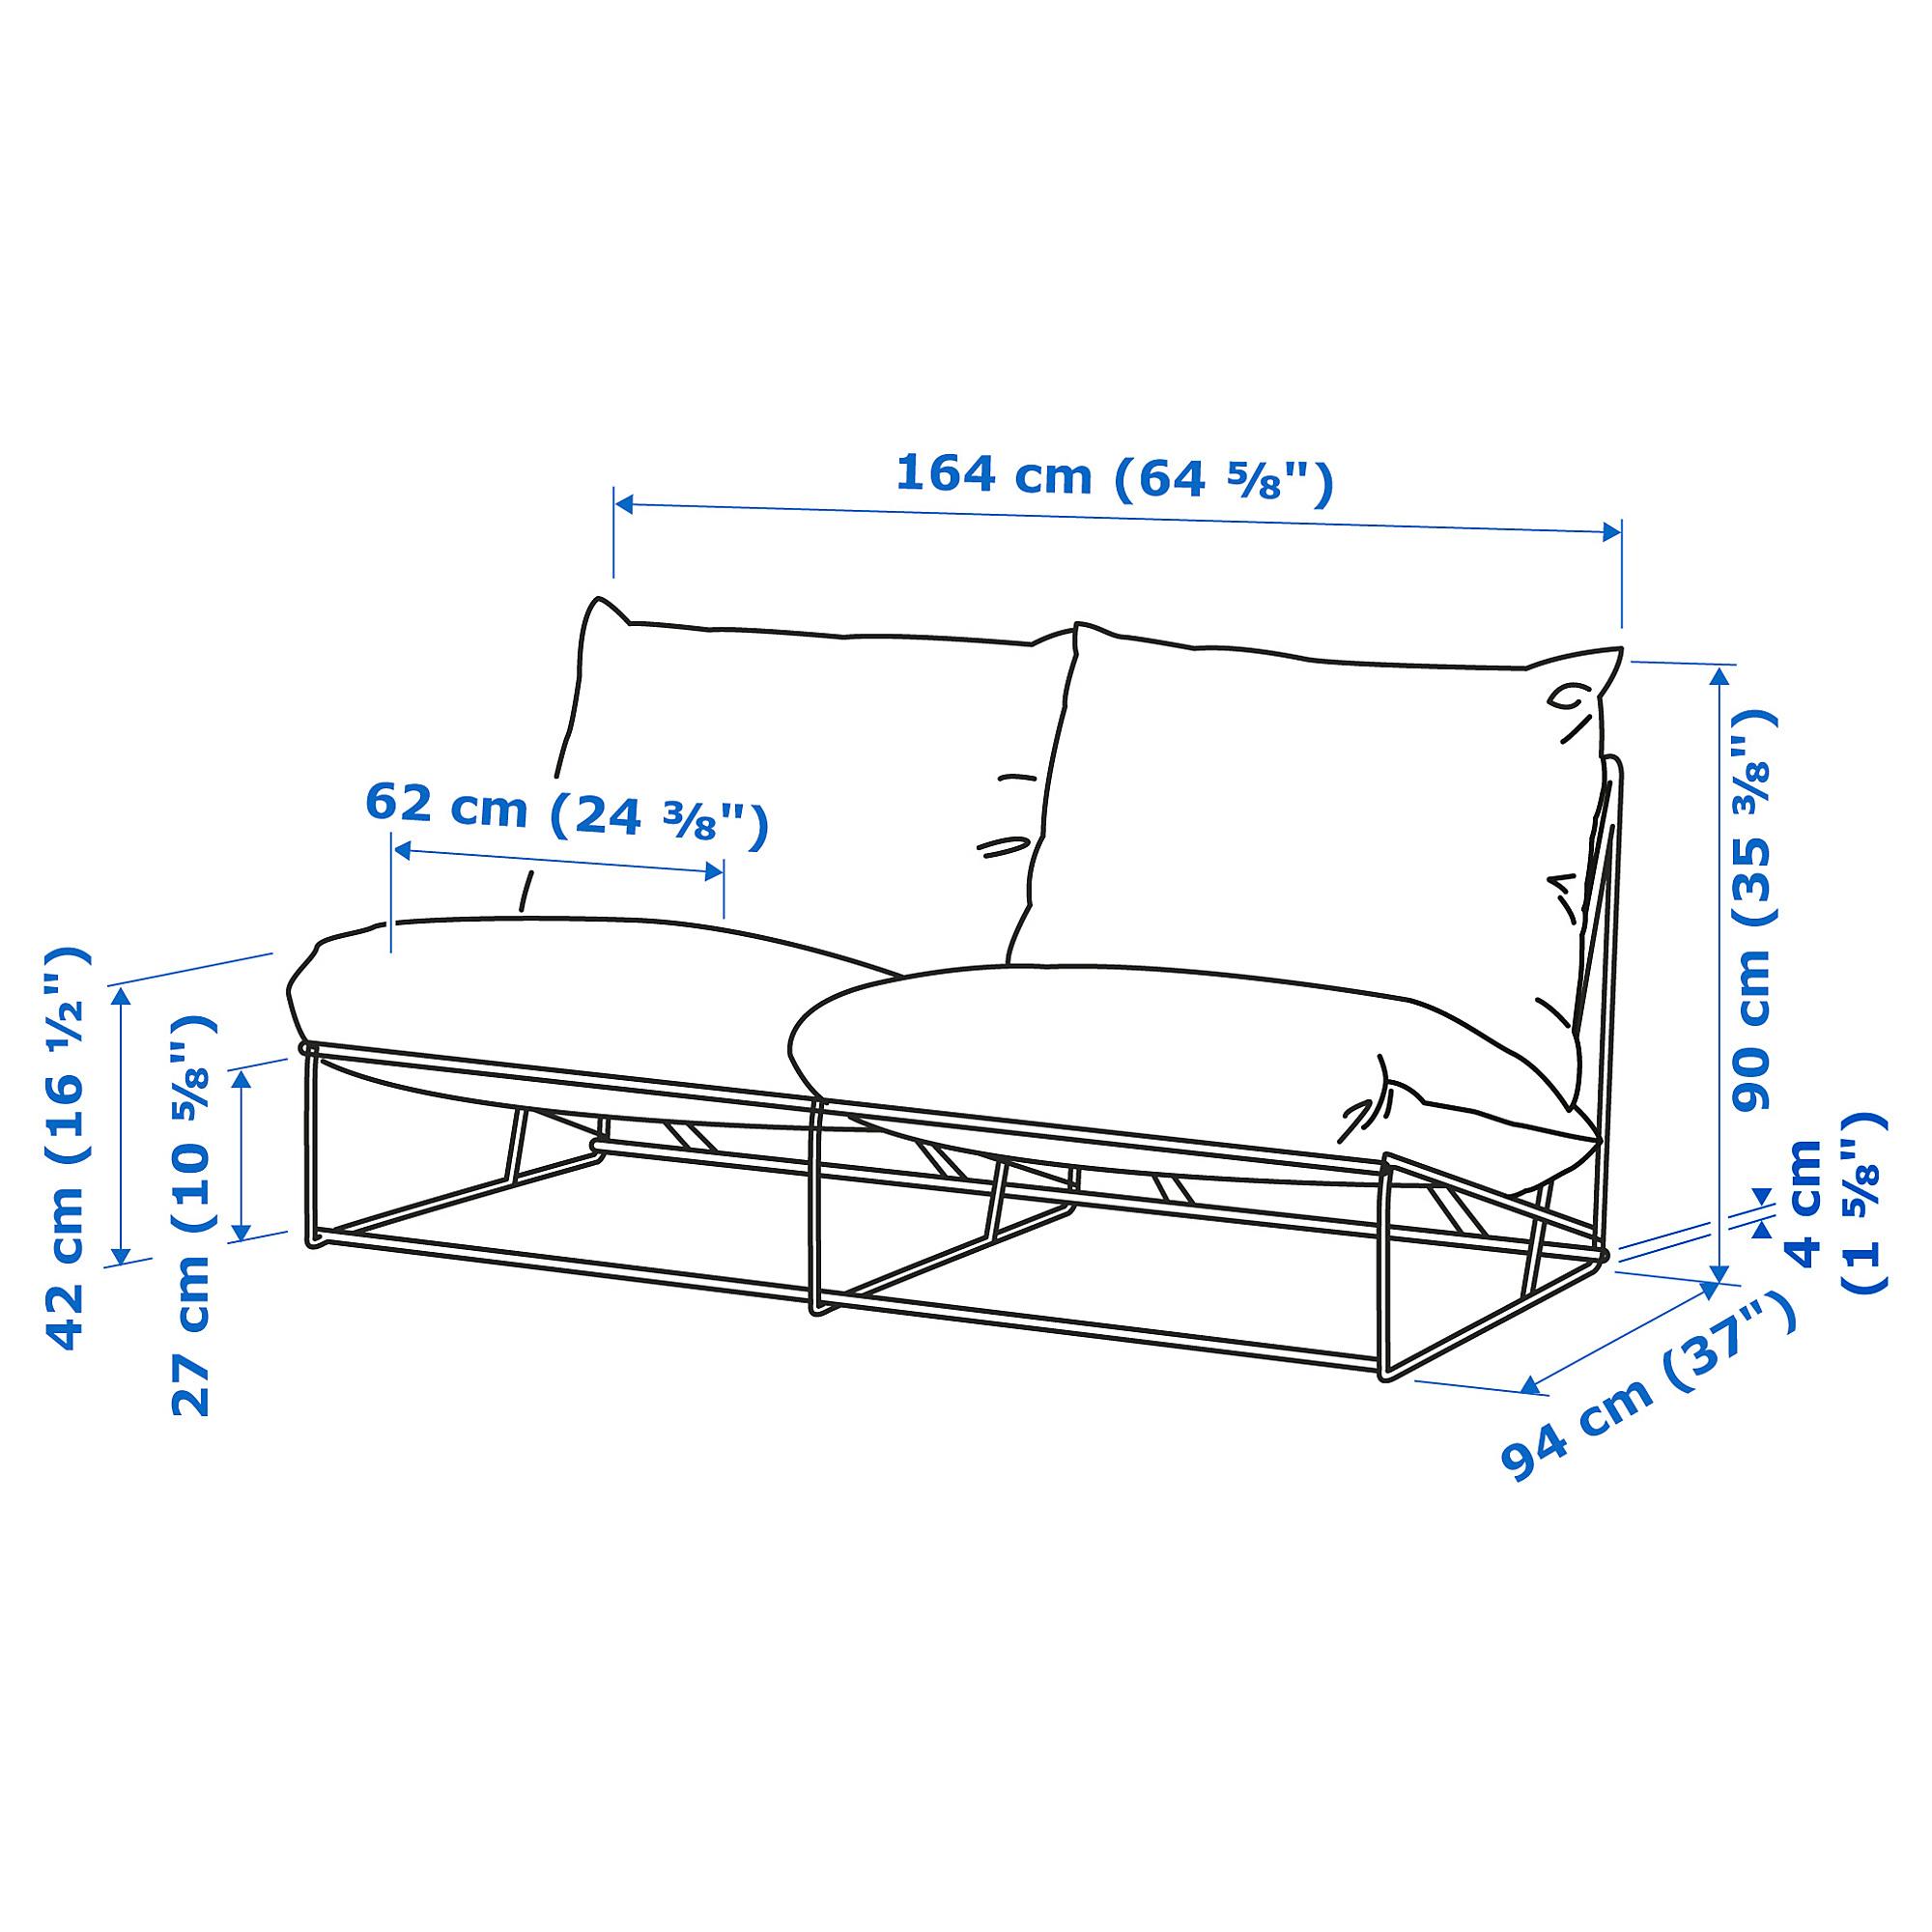 Havsten 2 Seat Sofa In Outdoor Without Armrests Beige 164x94x90 Cm Ikea Indonesia Ukuran sofa 2 seat